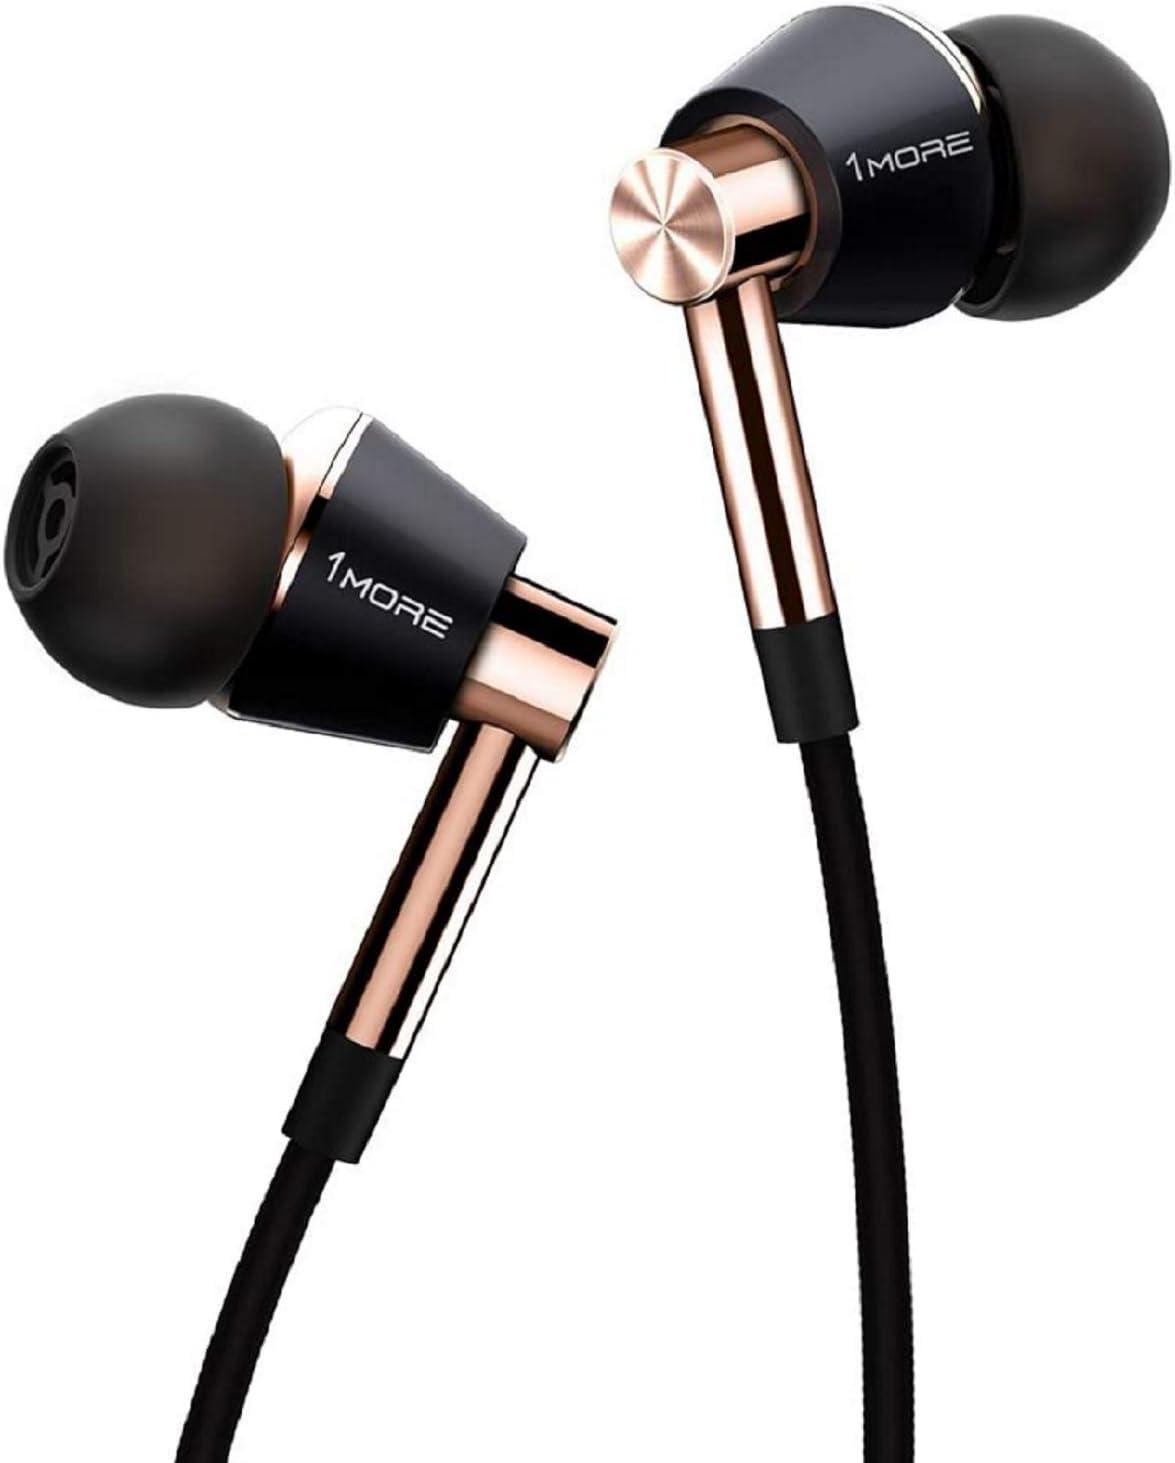 1MORE Triple Driver In-Ear Earphones - Best Ear Tip